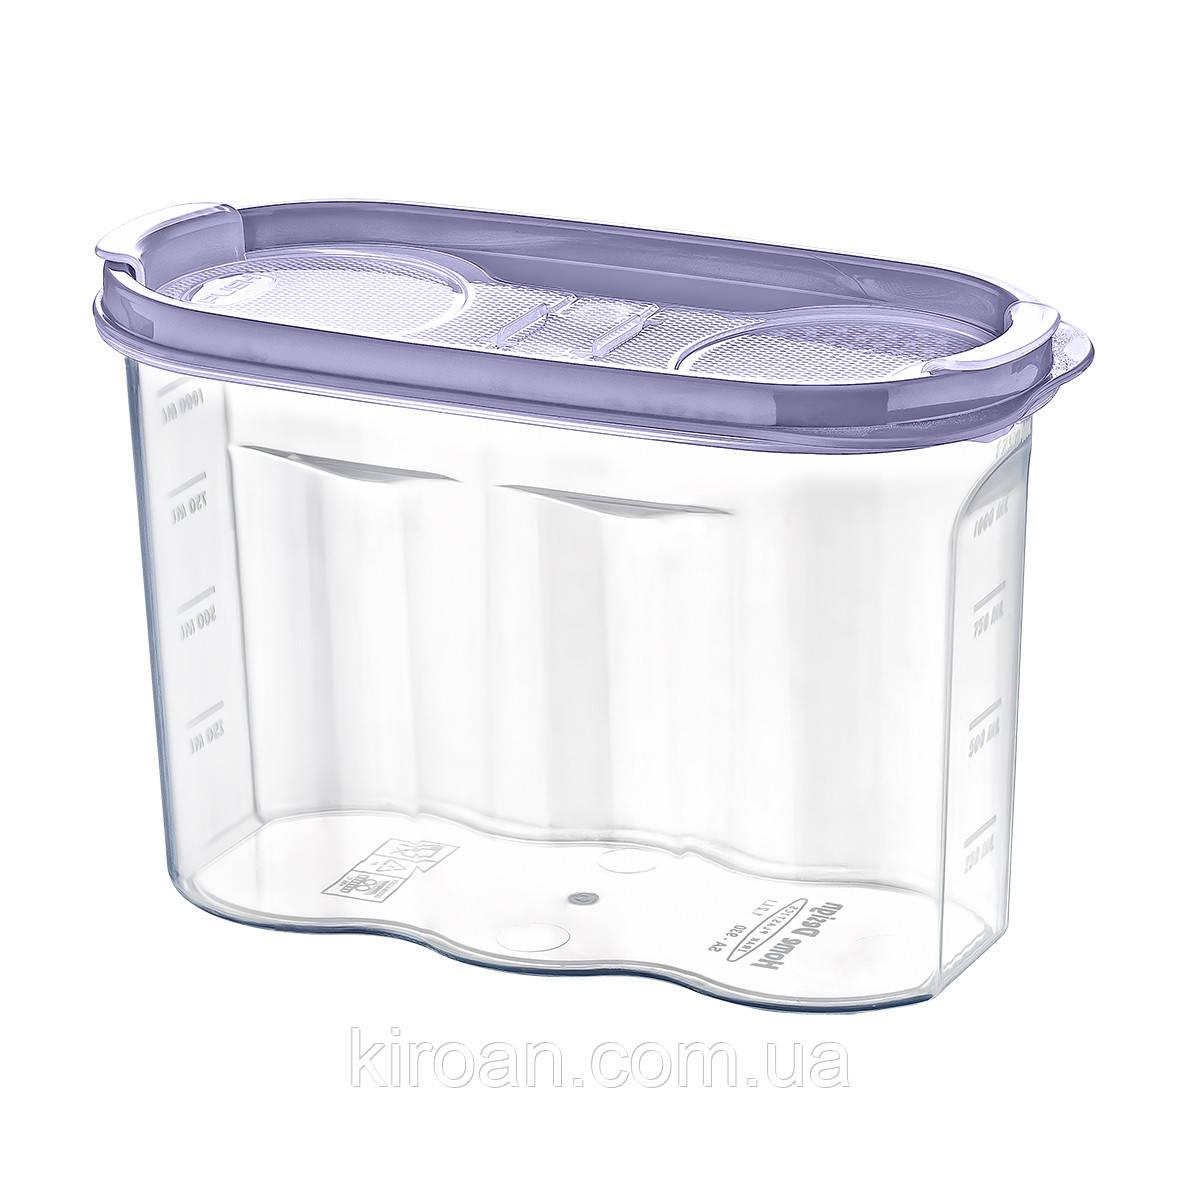 Емкость для хранения сыпучих продуктов 1.2 л Irak Plastik (Турция)  17 x 12,5 x 7 см